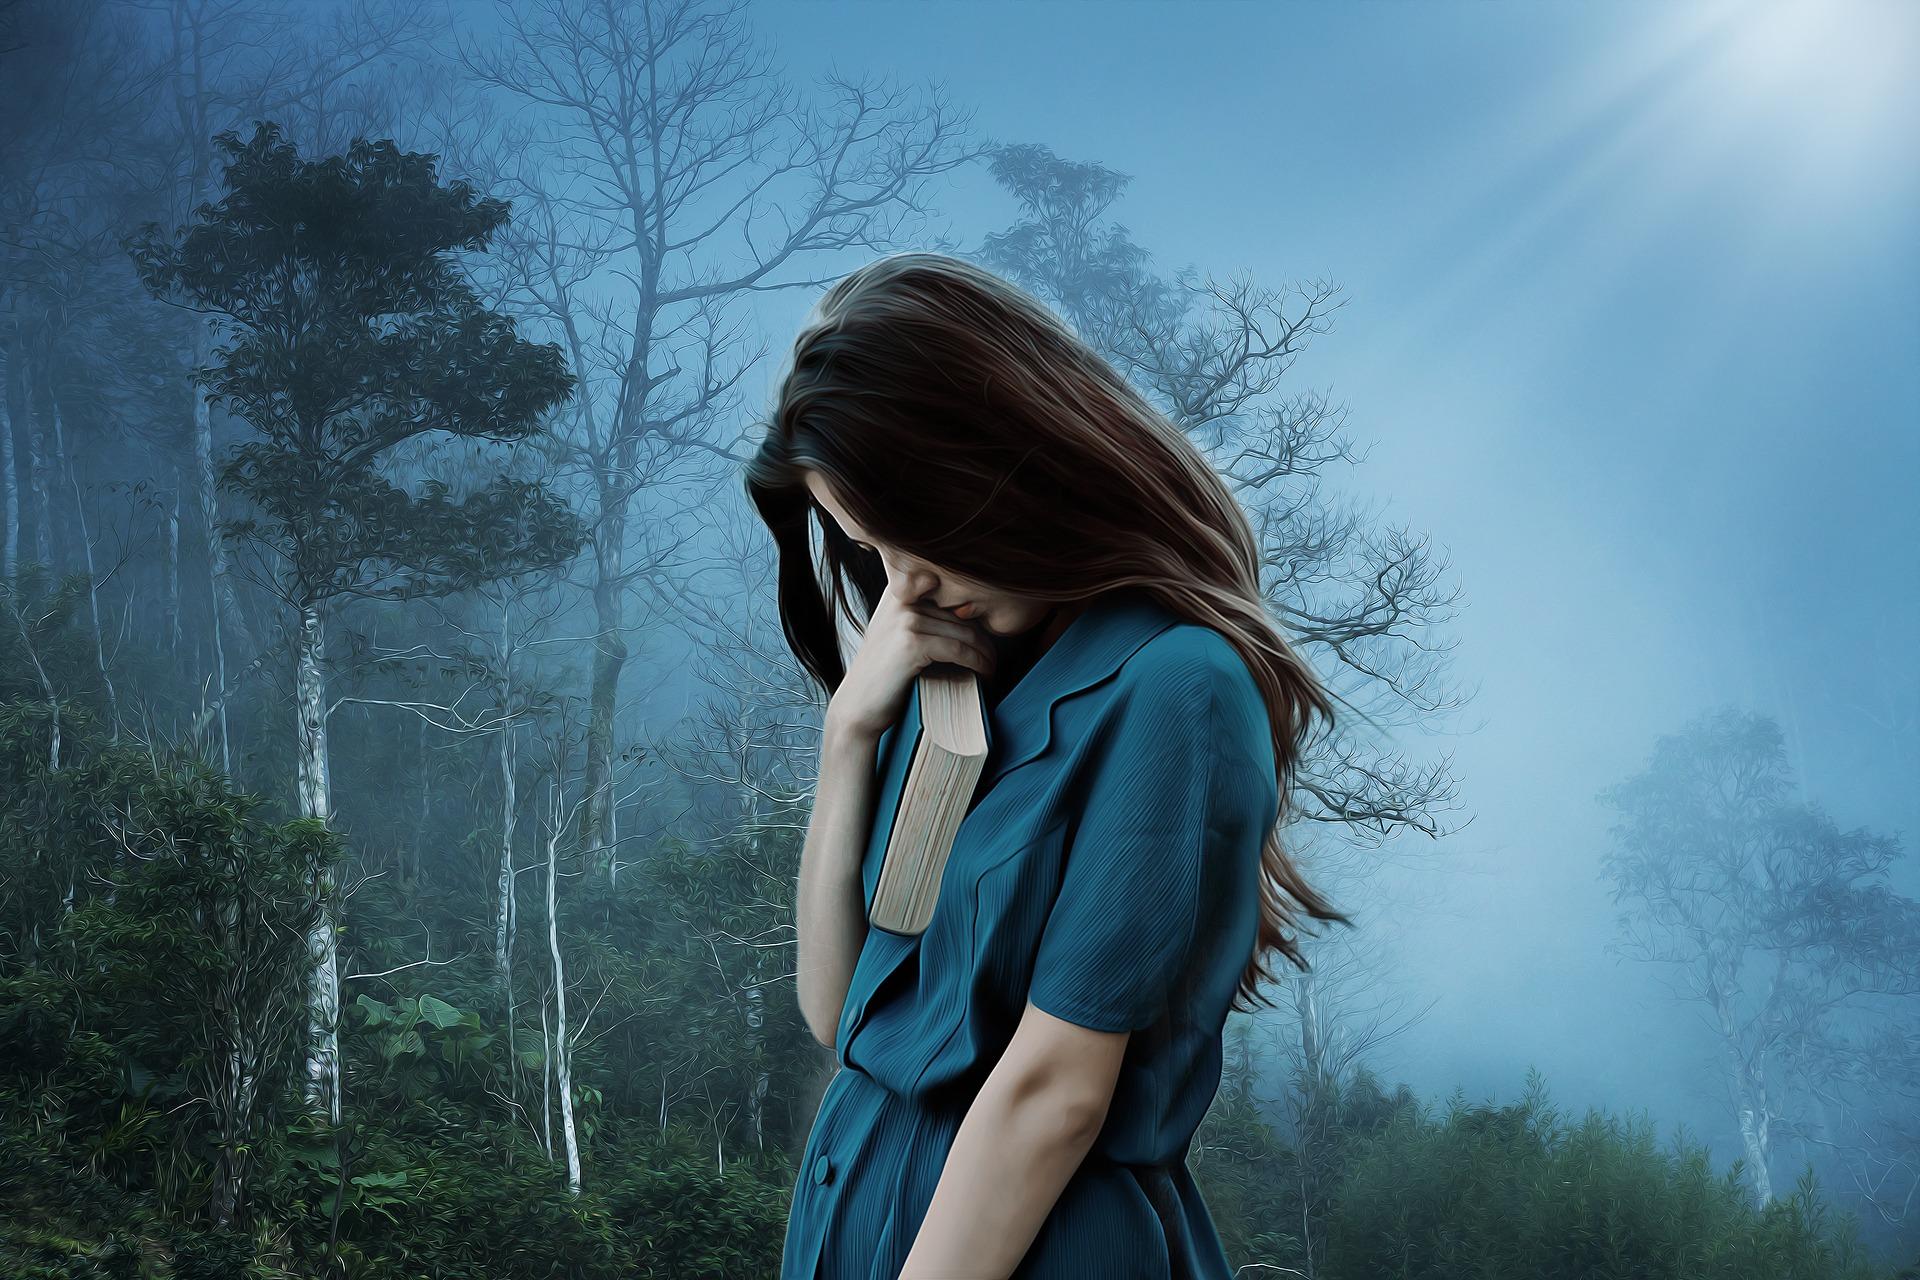 Seelischer Schmerz: 5 Tipps, wie du Kummer überwindest